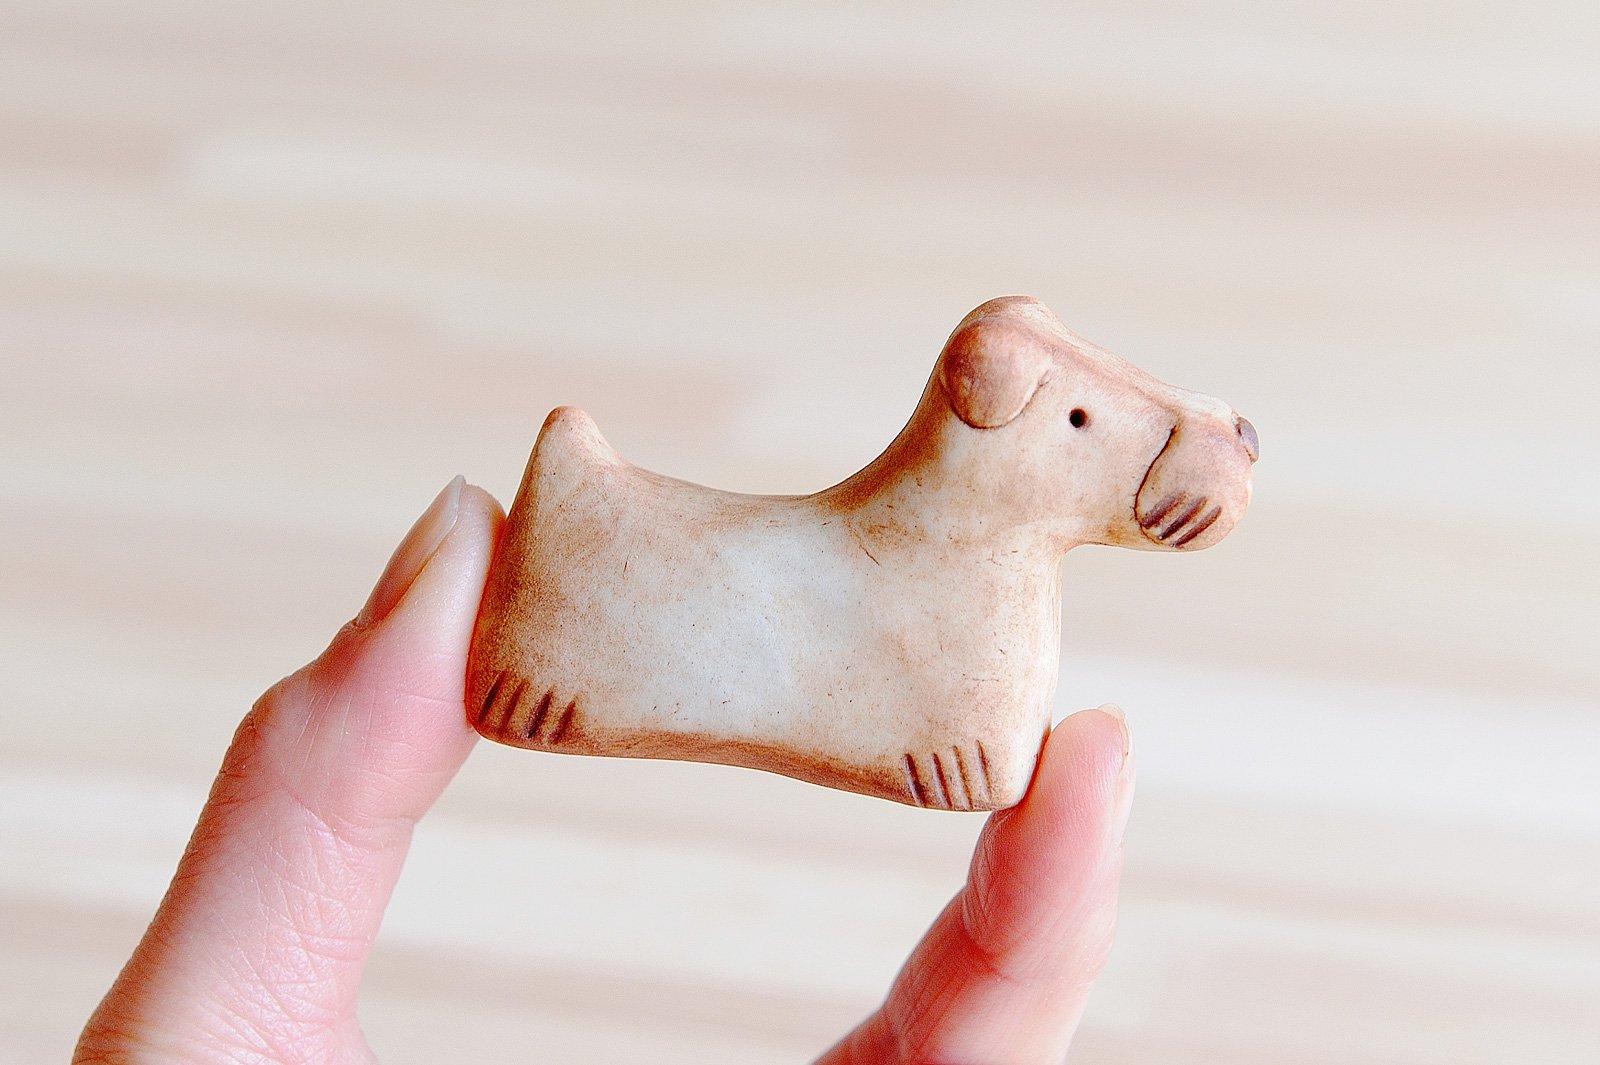 ミニオブジェ - 犬・テリア